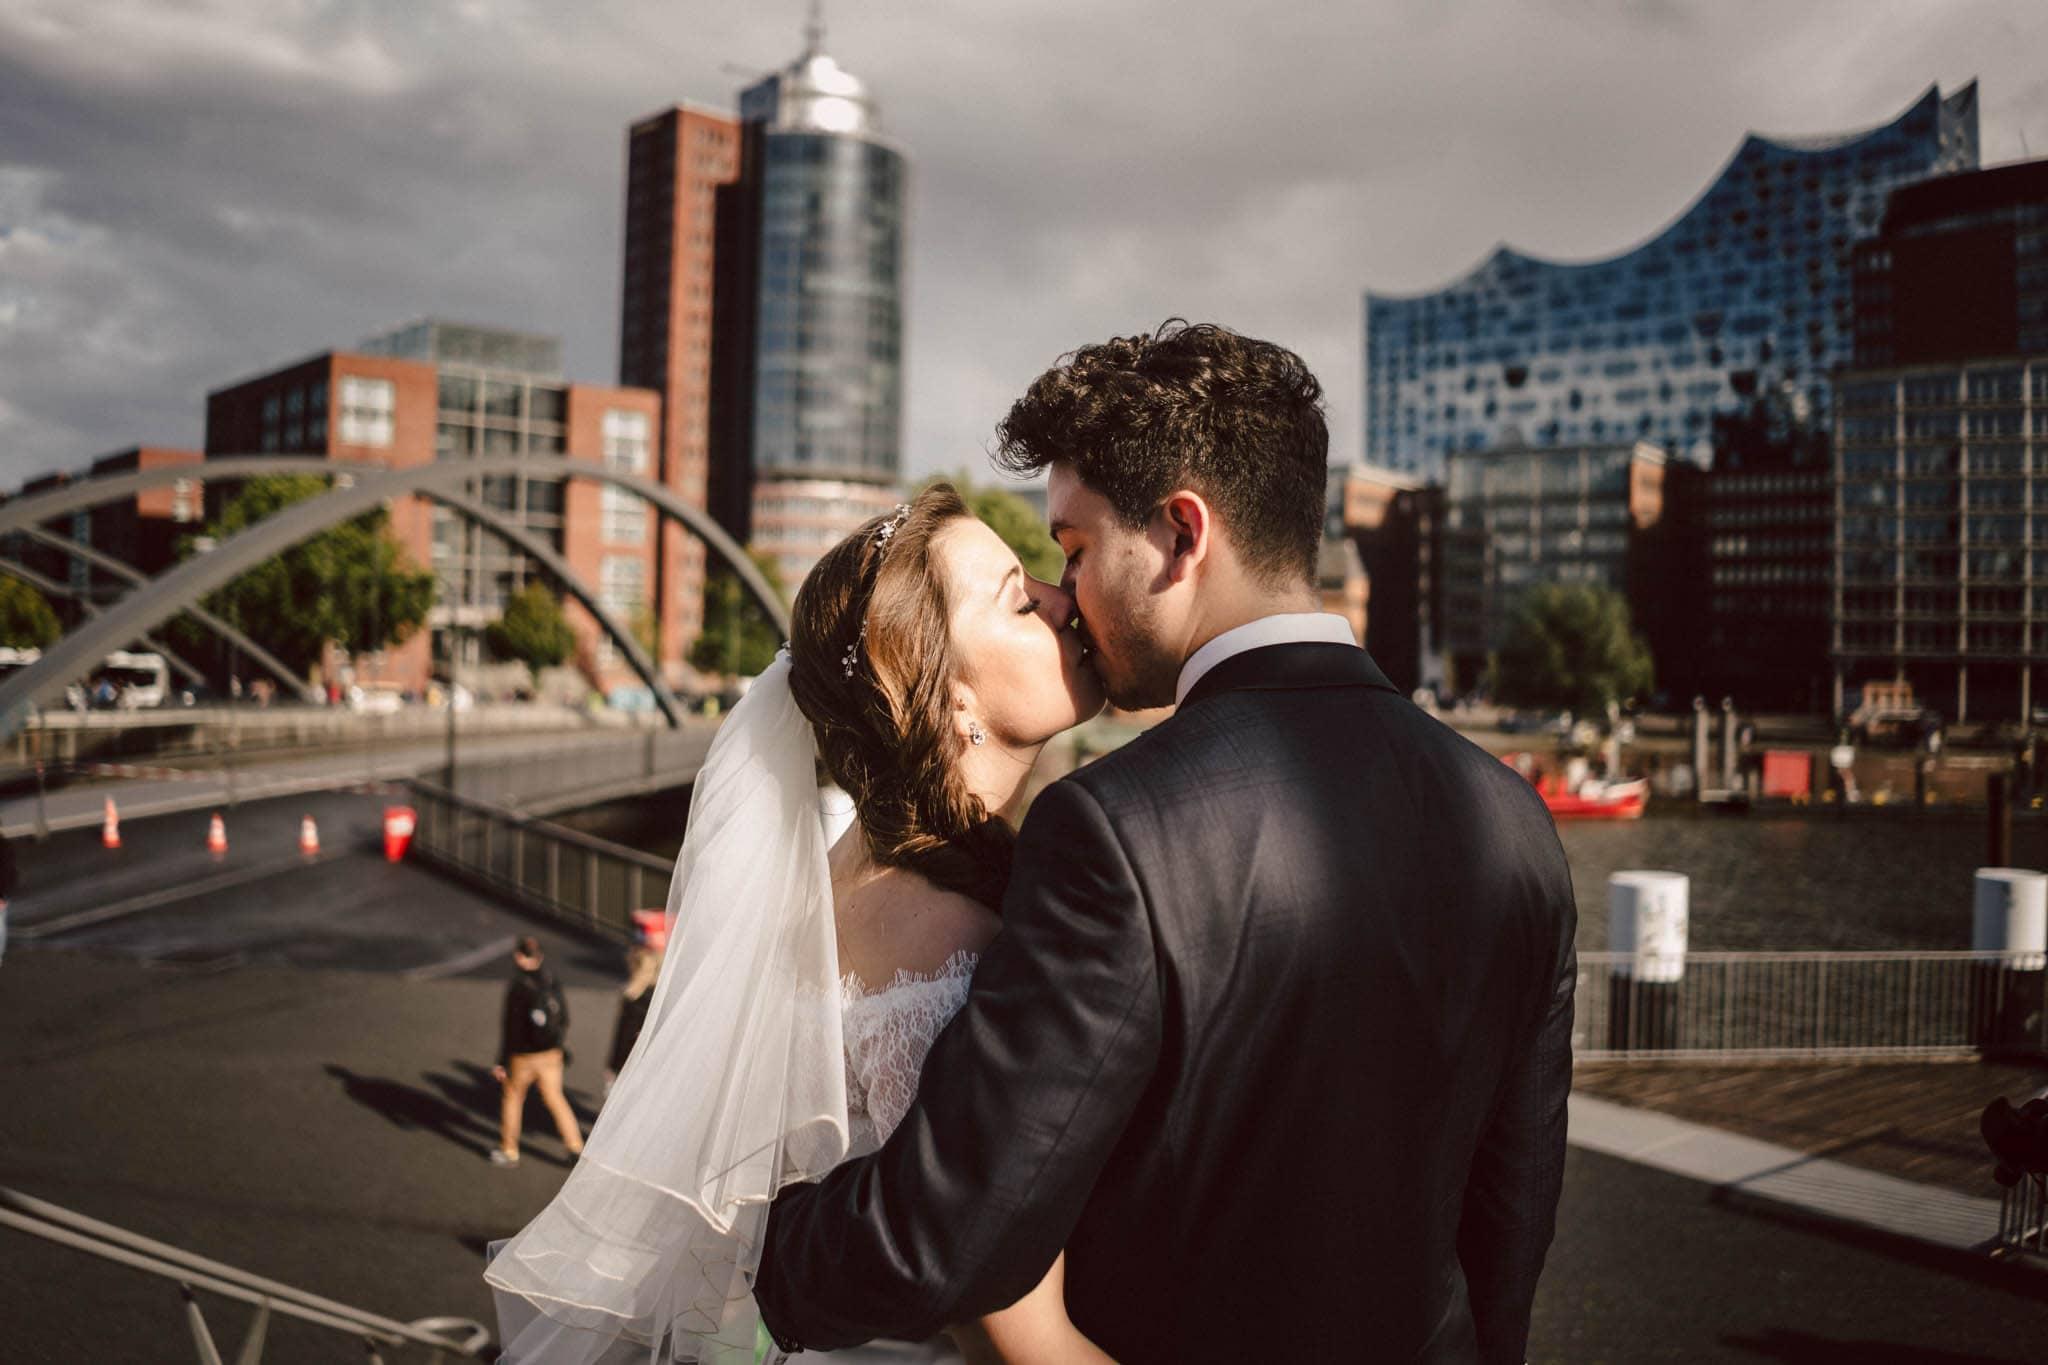 Hochzeitsfieber by Photo-Schomburg, Wedding, Hochzeitsfotograf, Hochzeitspaar, Braut, Bräutigam, Hochzeitstag, Hamburg, Landungsbrücken, Hafenliebe-104